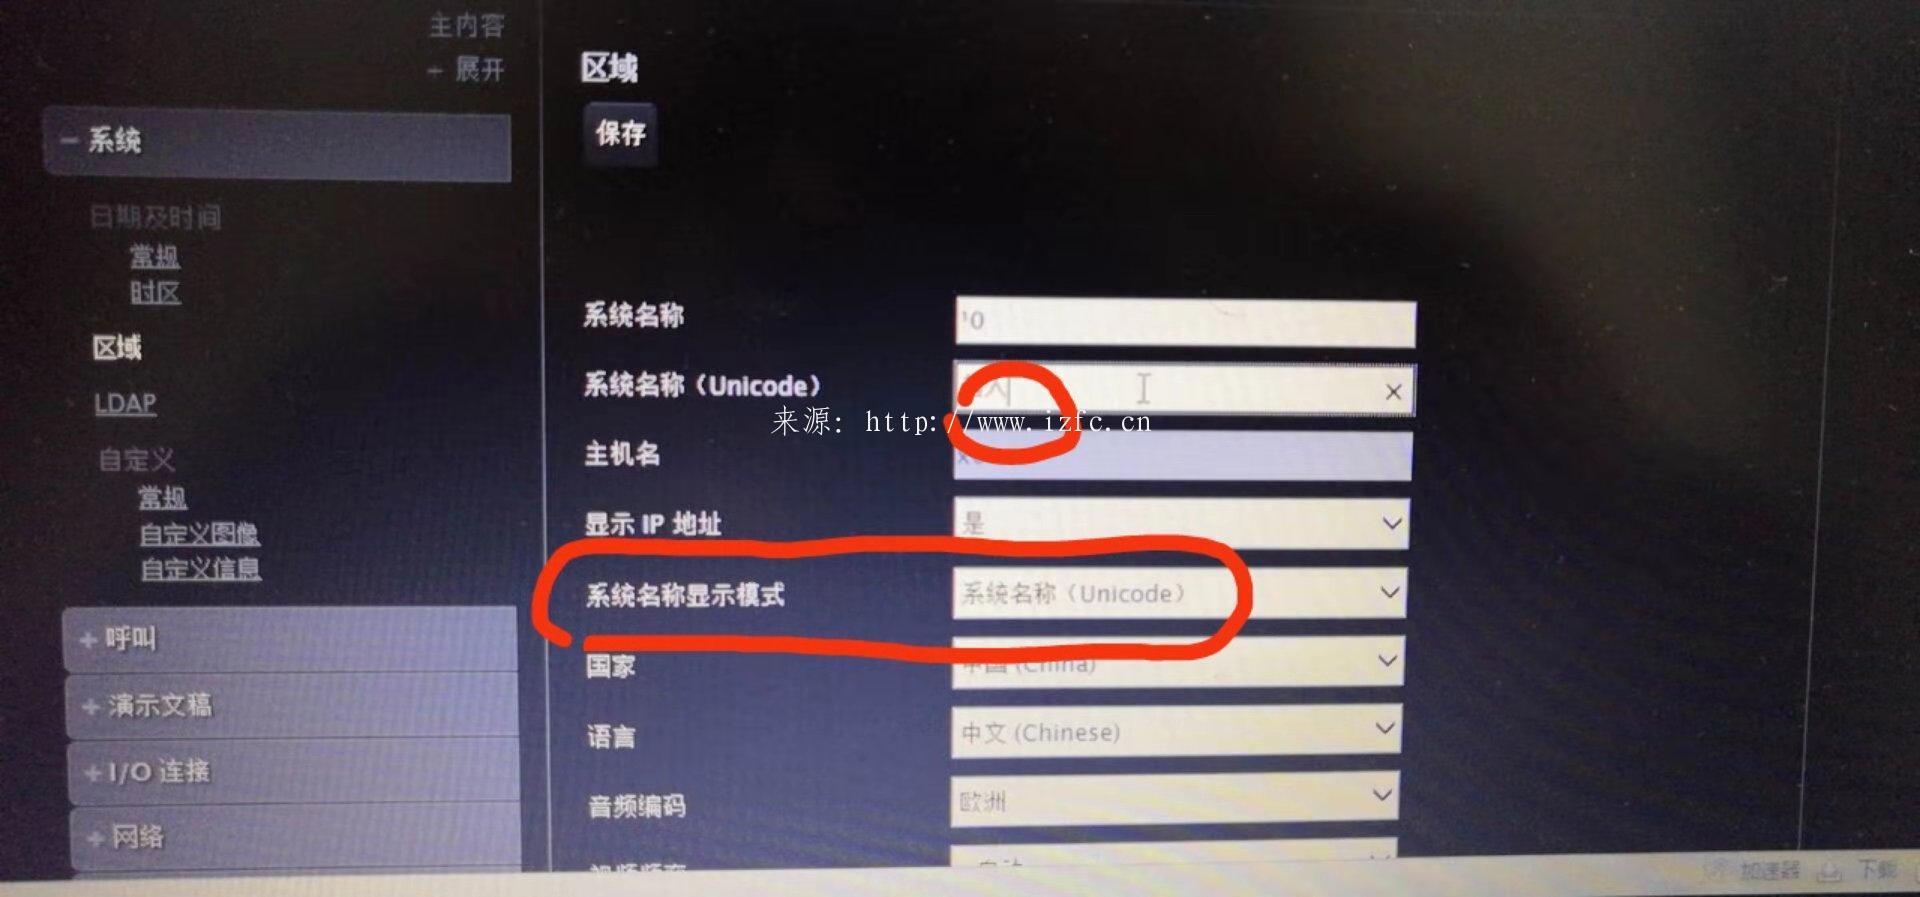 scopia xt4300/xt5000/xt7100显示中文名称操作